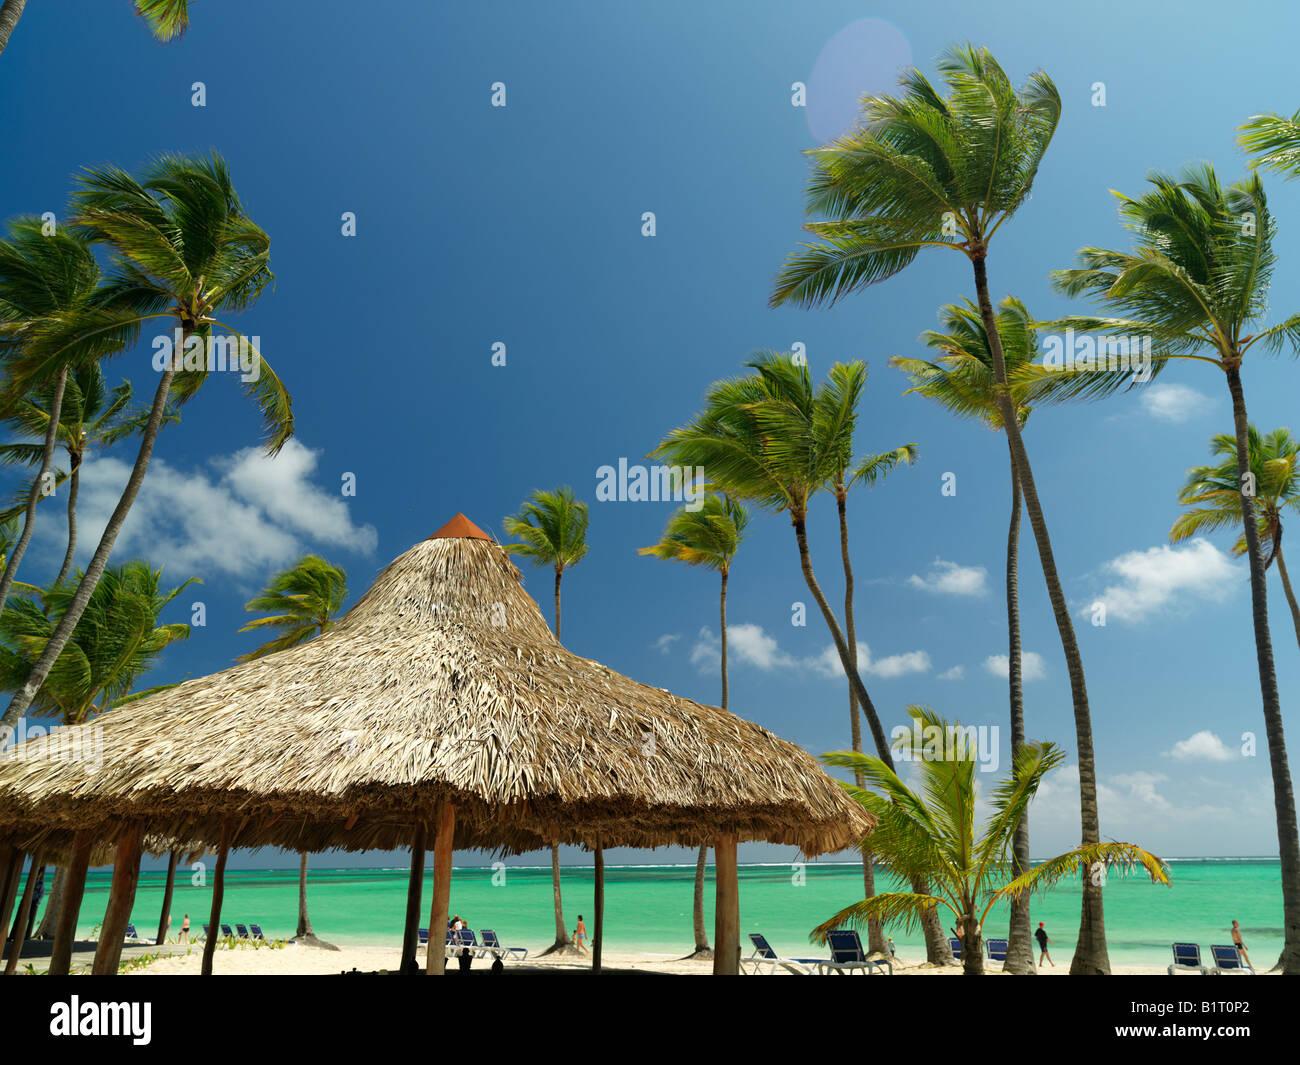 République dominicaine Punta Cana Bavaro Beach palmiers et palapa sur plage de sable blanc face à la mer Photo Stock